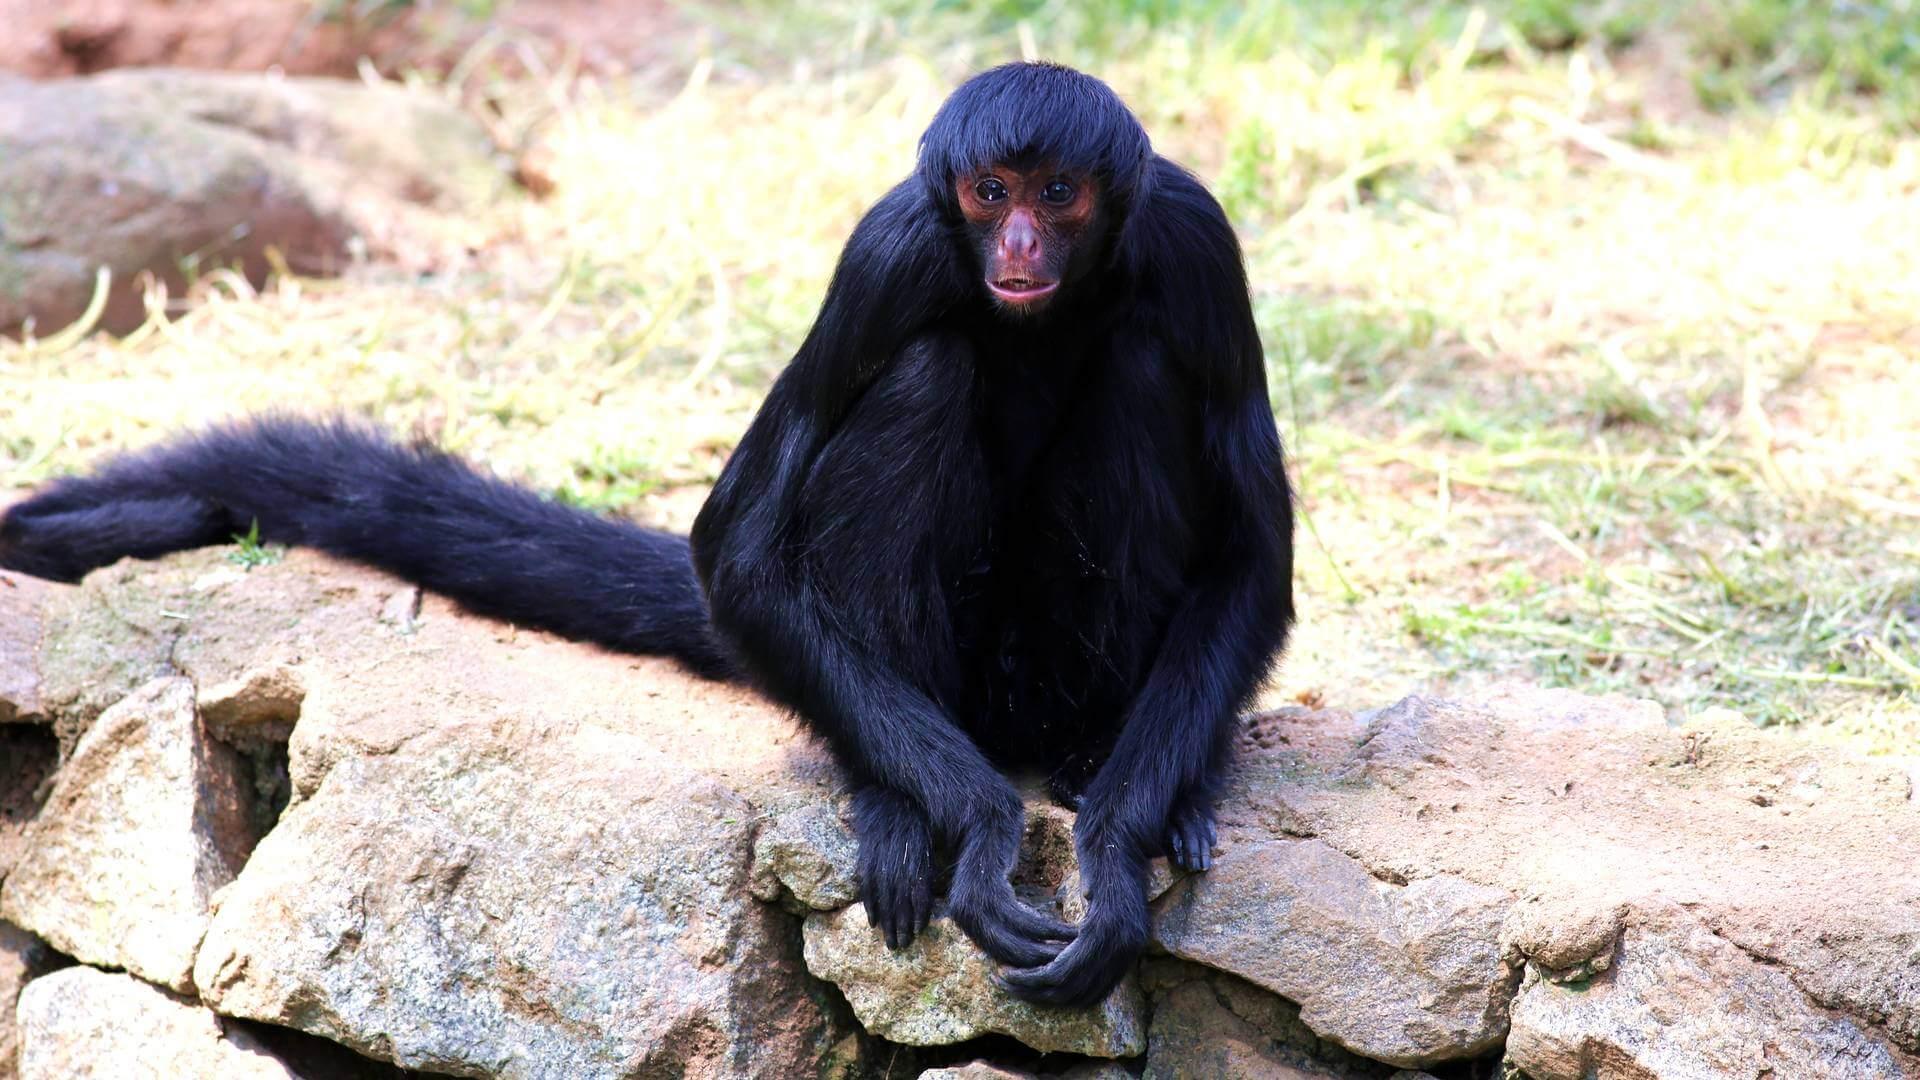 Обезьяна – описание, виды, где обитают, что едят, фото